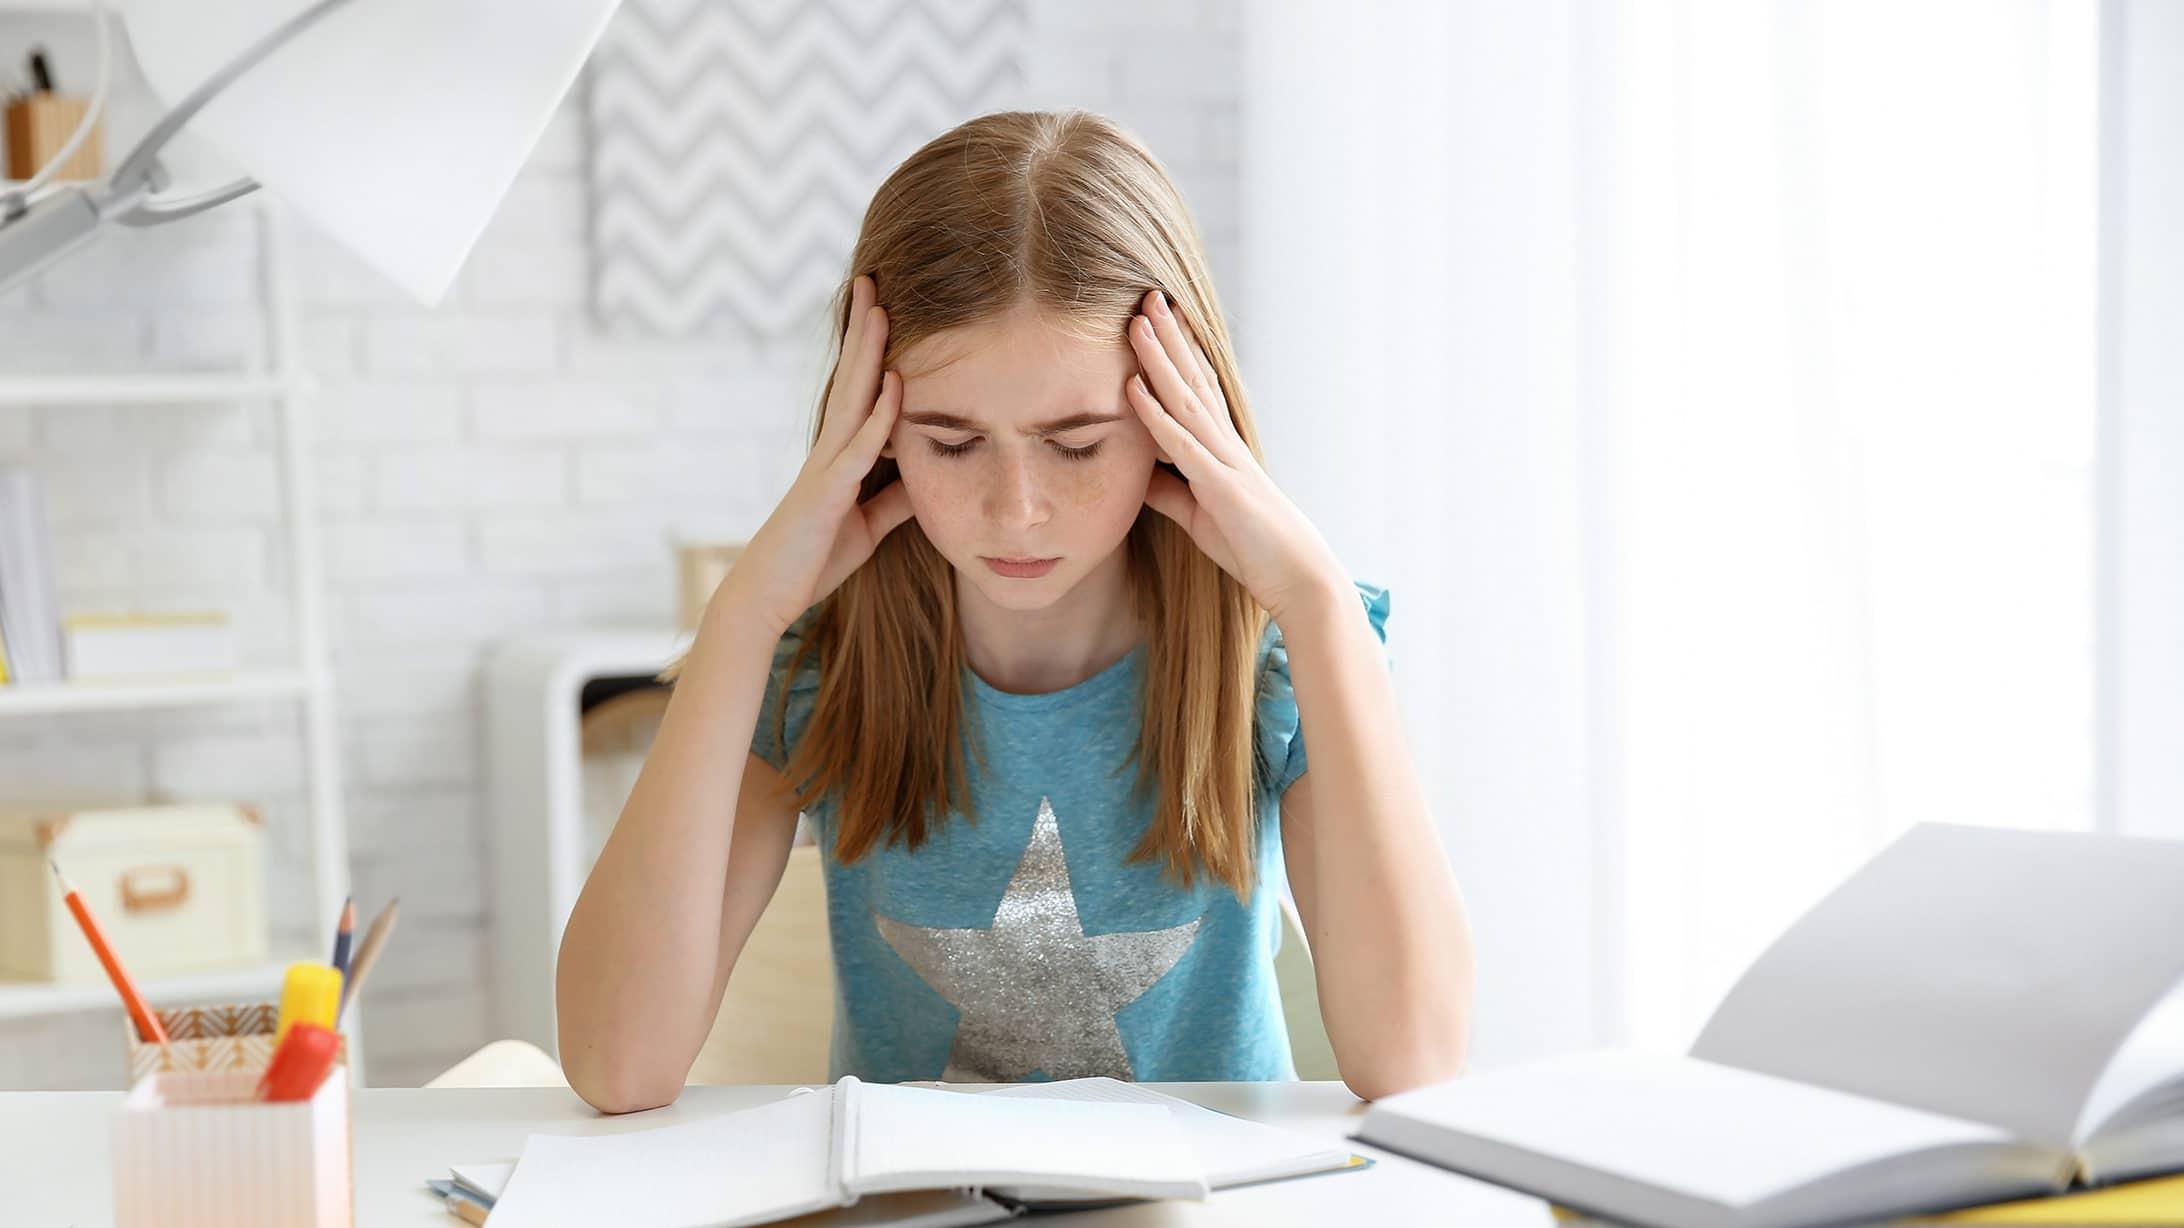 Mädchen mit Kopfschmerzen während der Hausaufgaben.